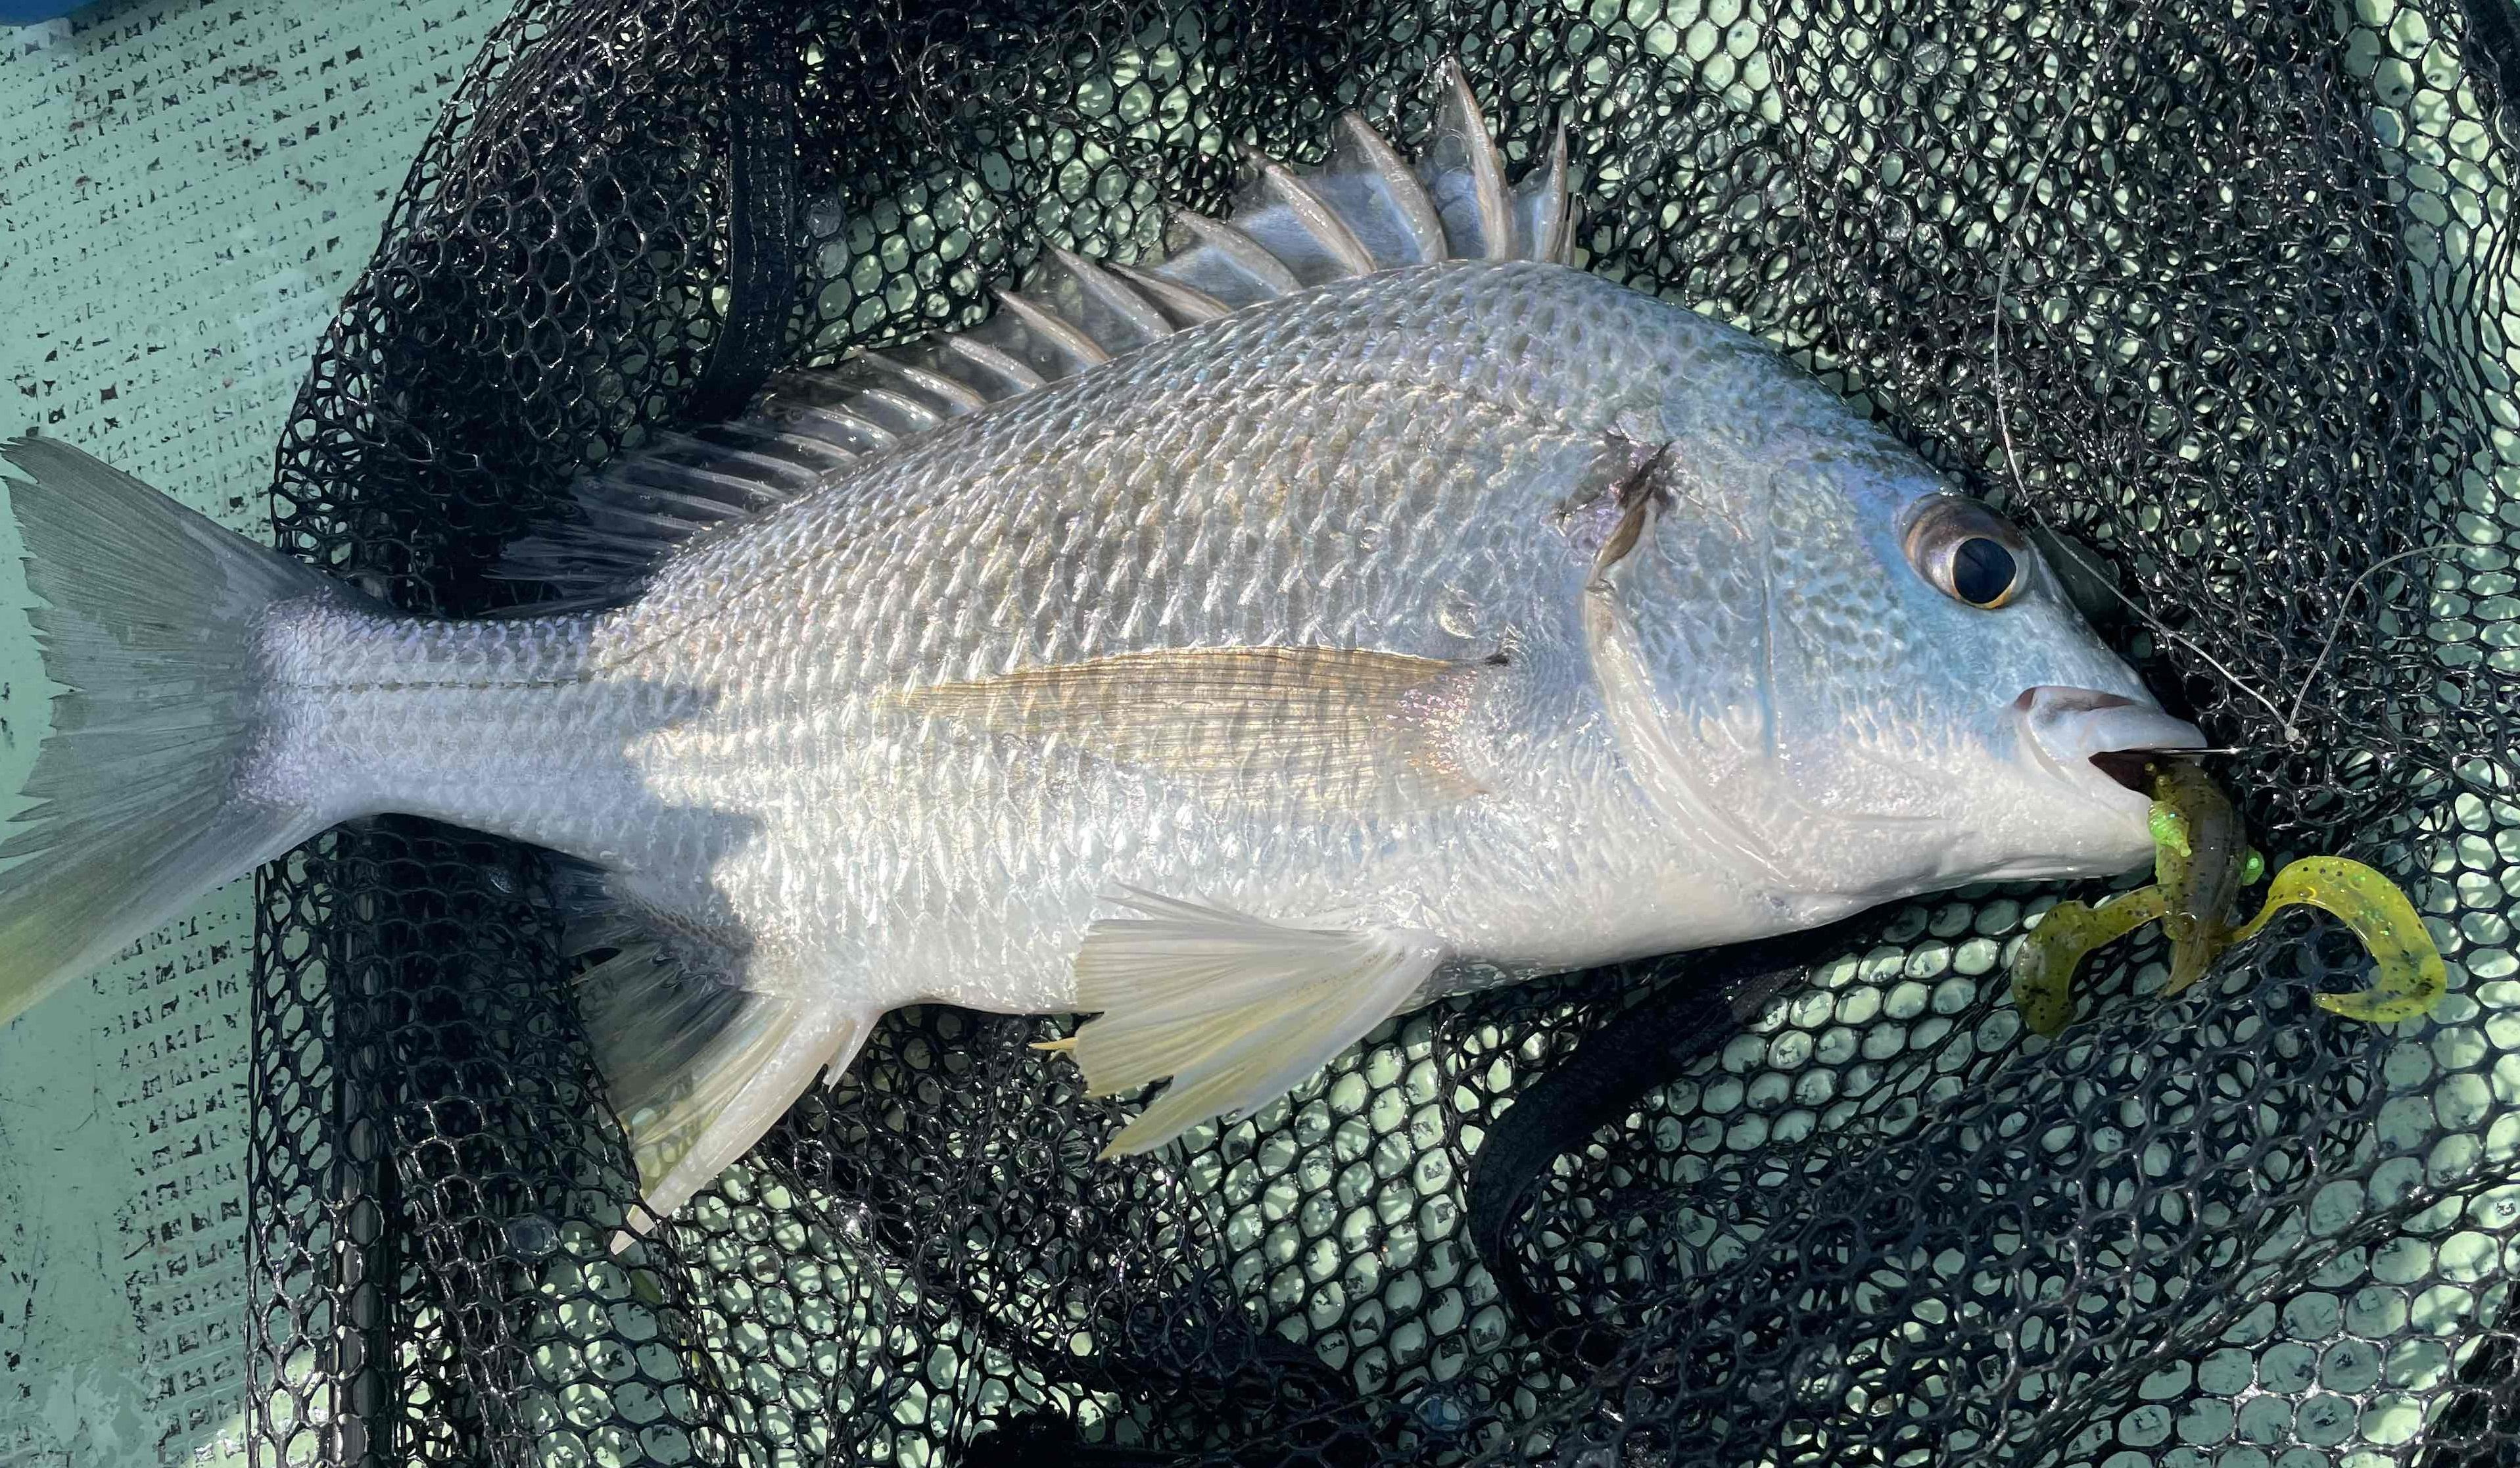 当店パートナーさんの釣果です。雨の影響も薄れてきたようで魚の活性が上昇中!!